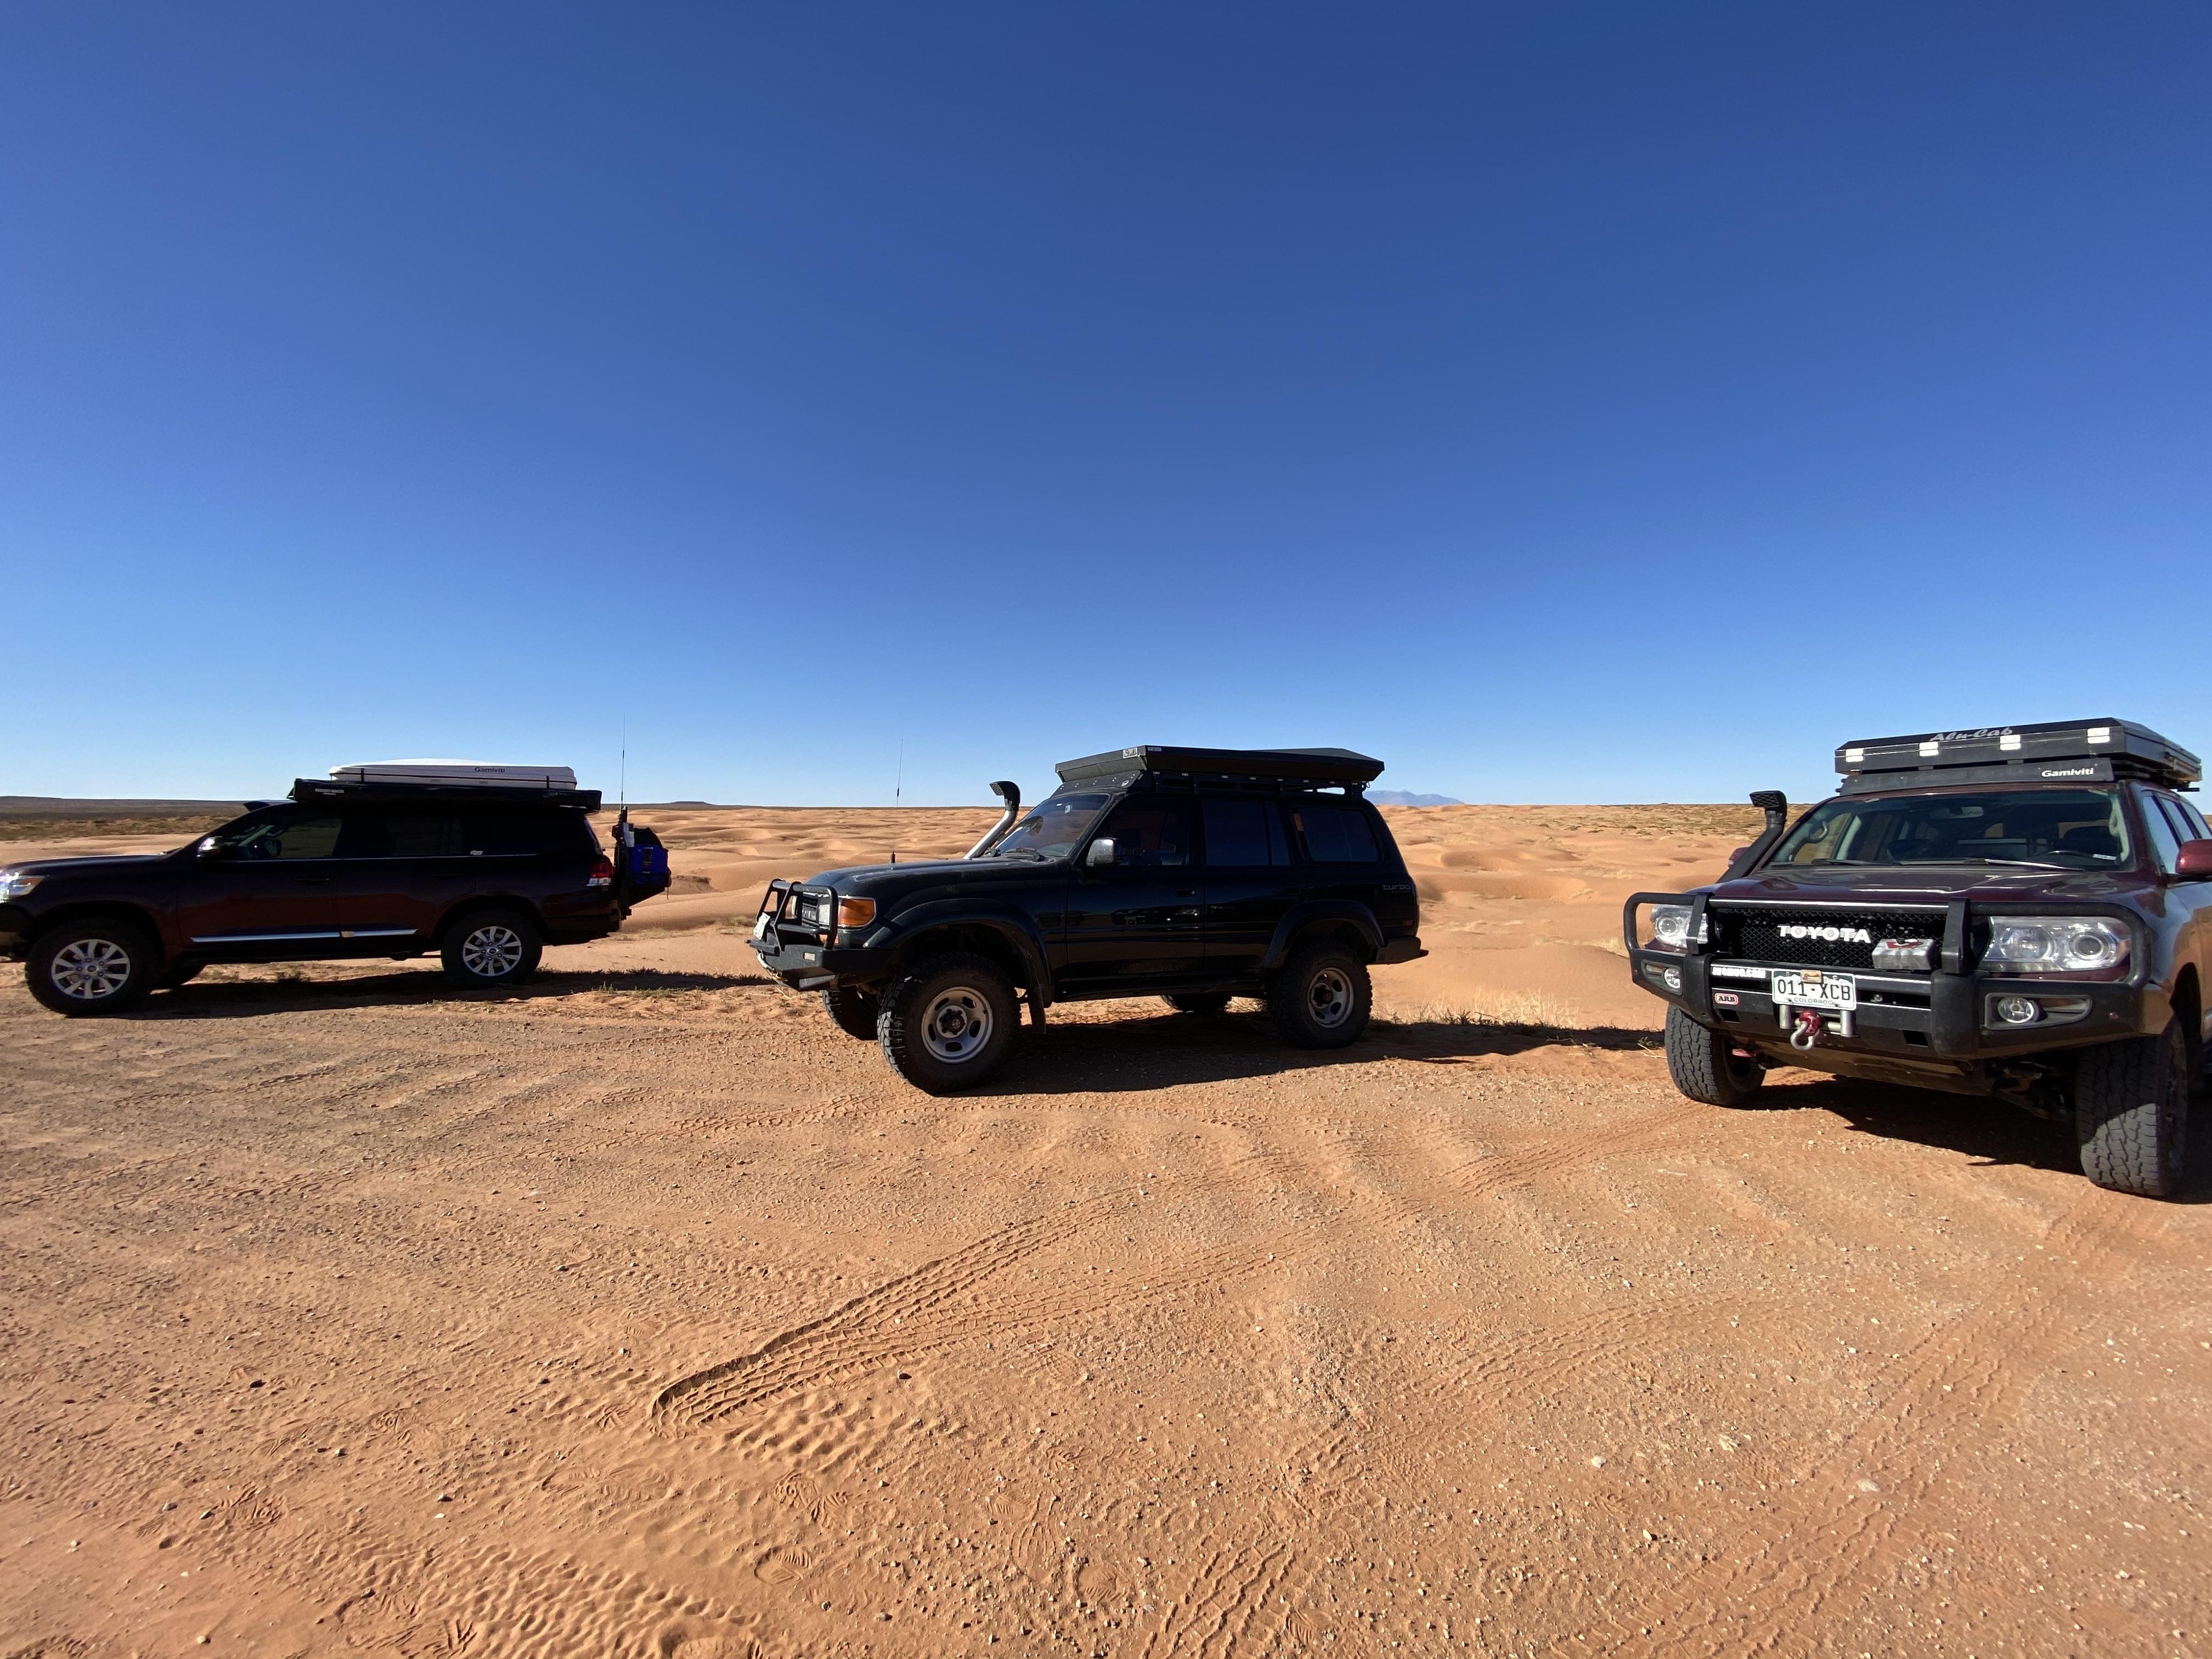 Dunes - 2.jpg